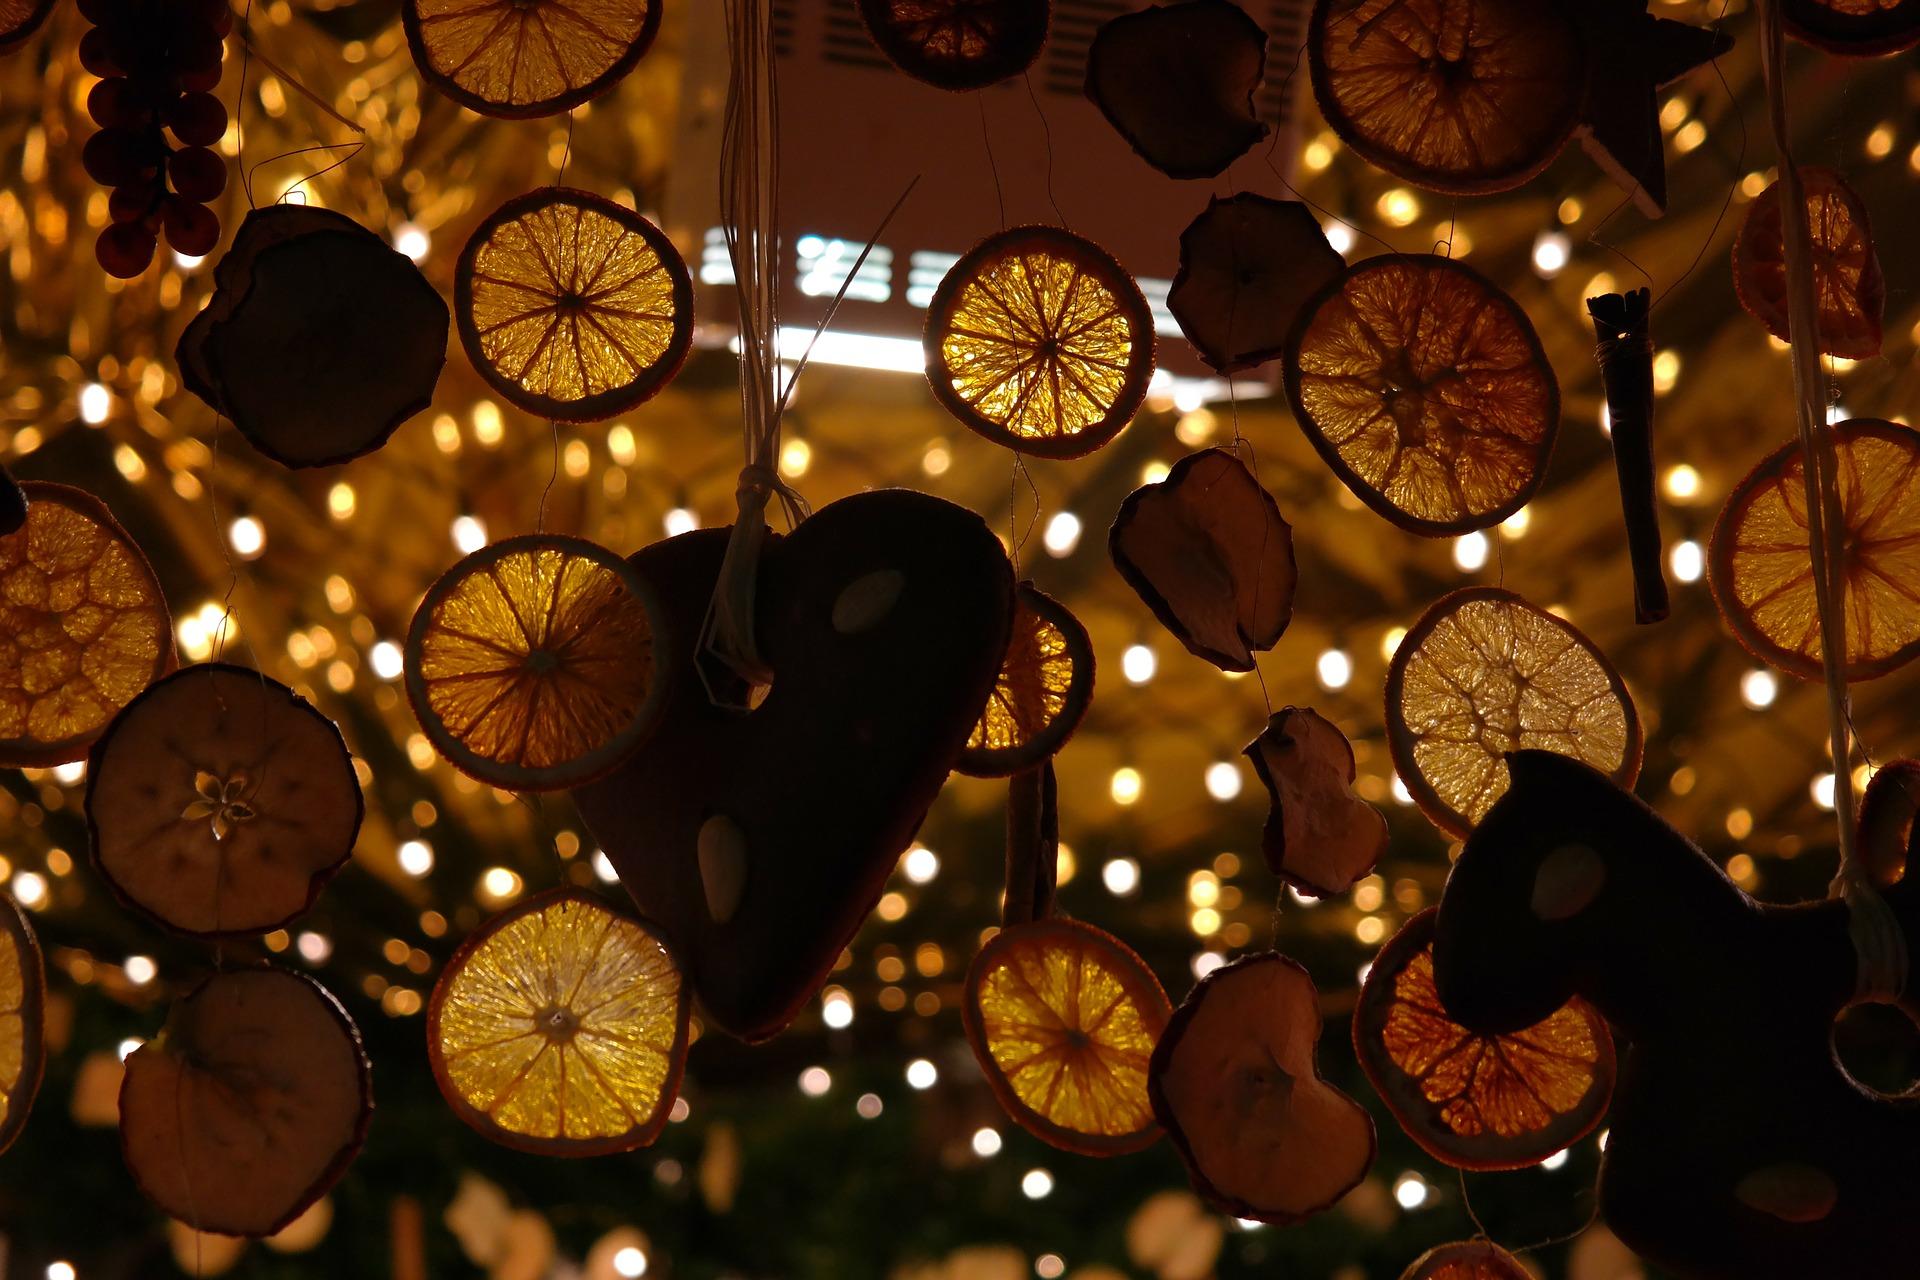 Quali sono i Mercatini di Natale più belli d'italia